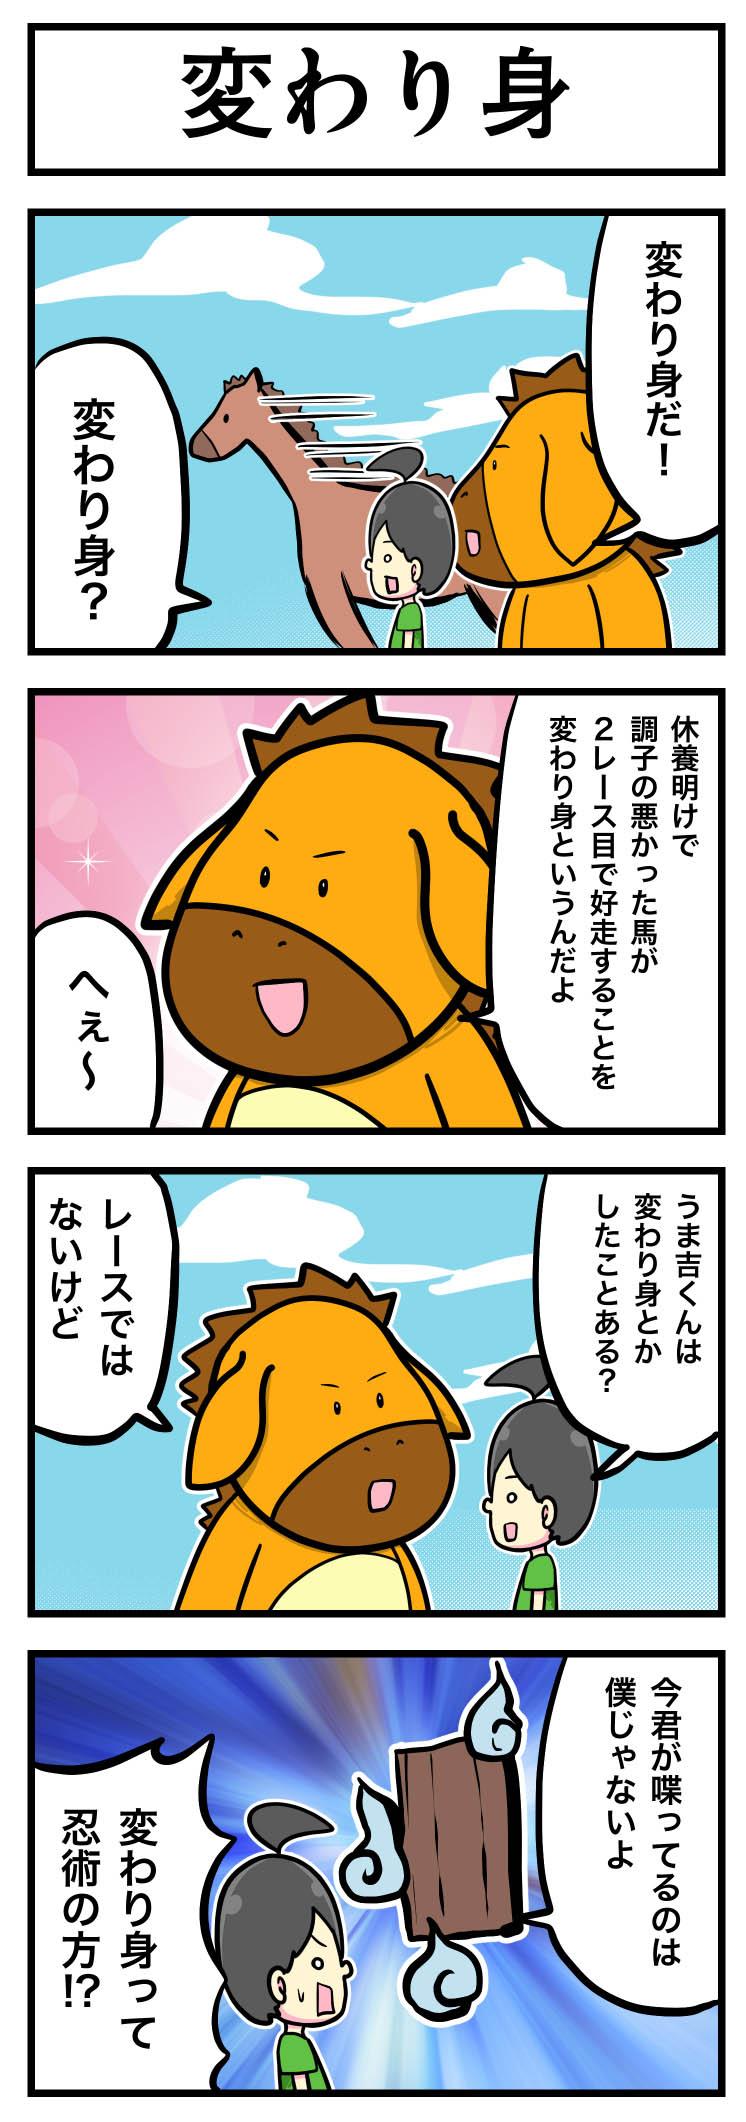 変わり身【うま吉の鉄板穴馬マンガ】